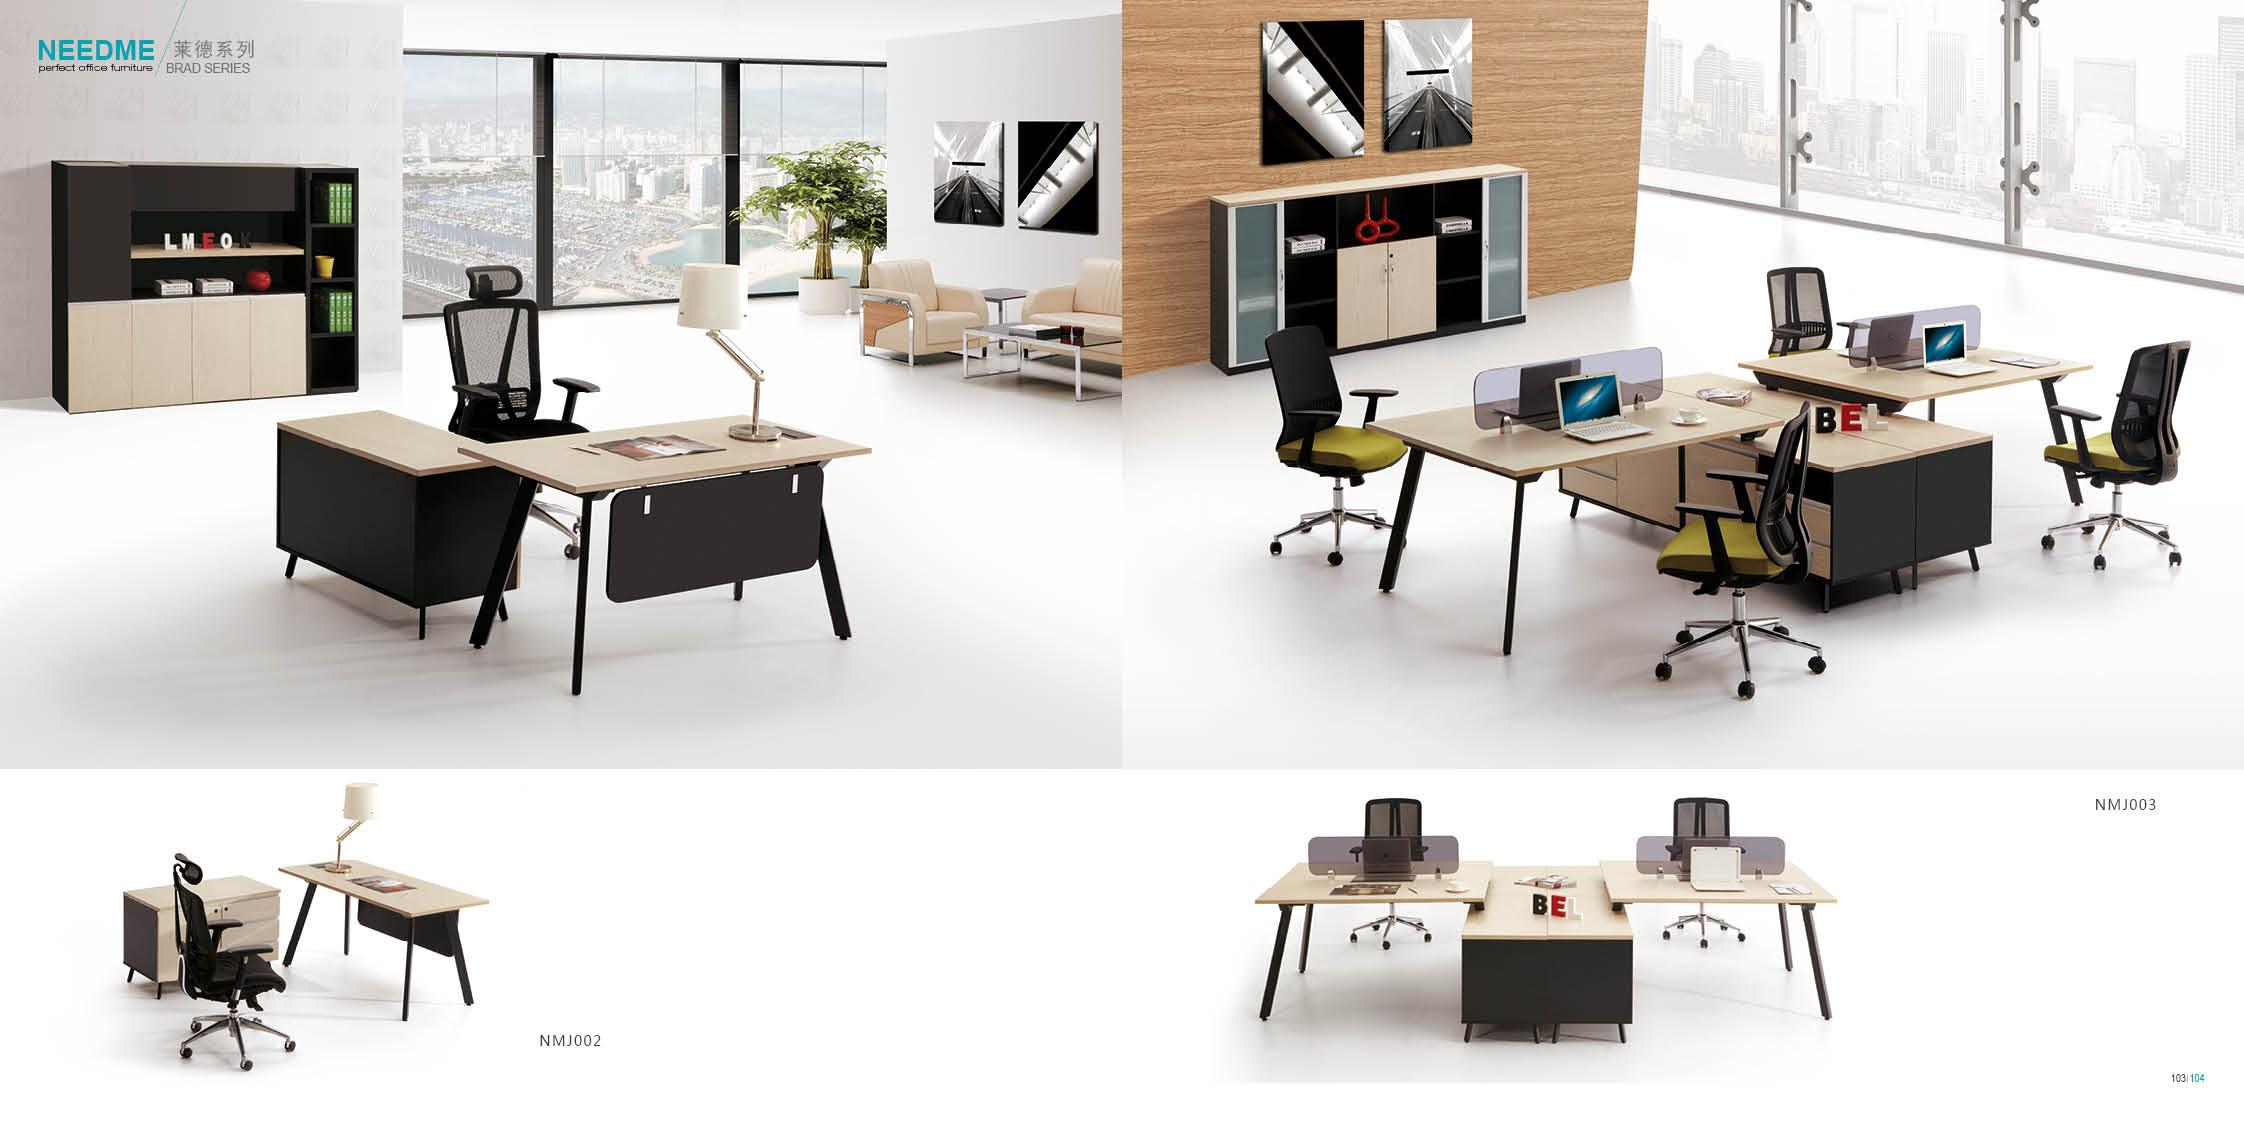 办公桌NMJ002,003